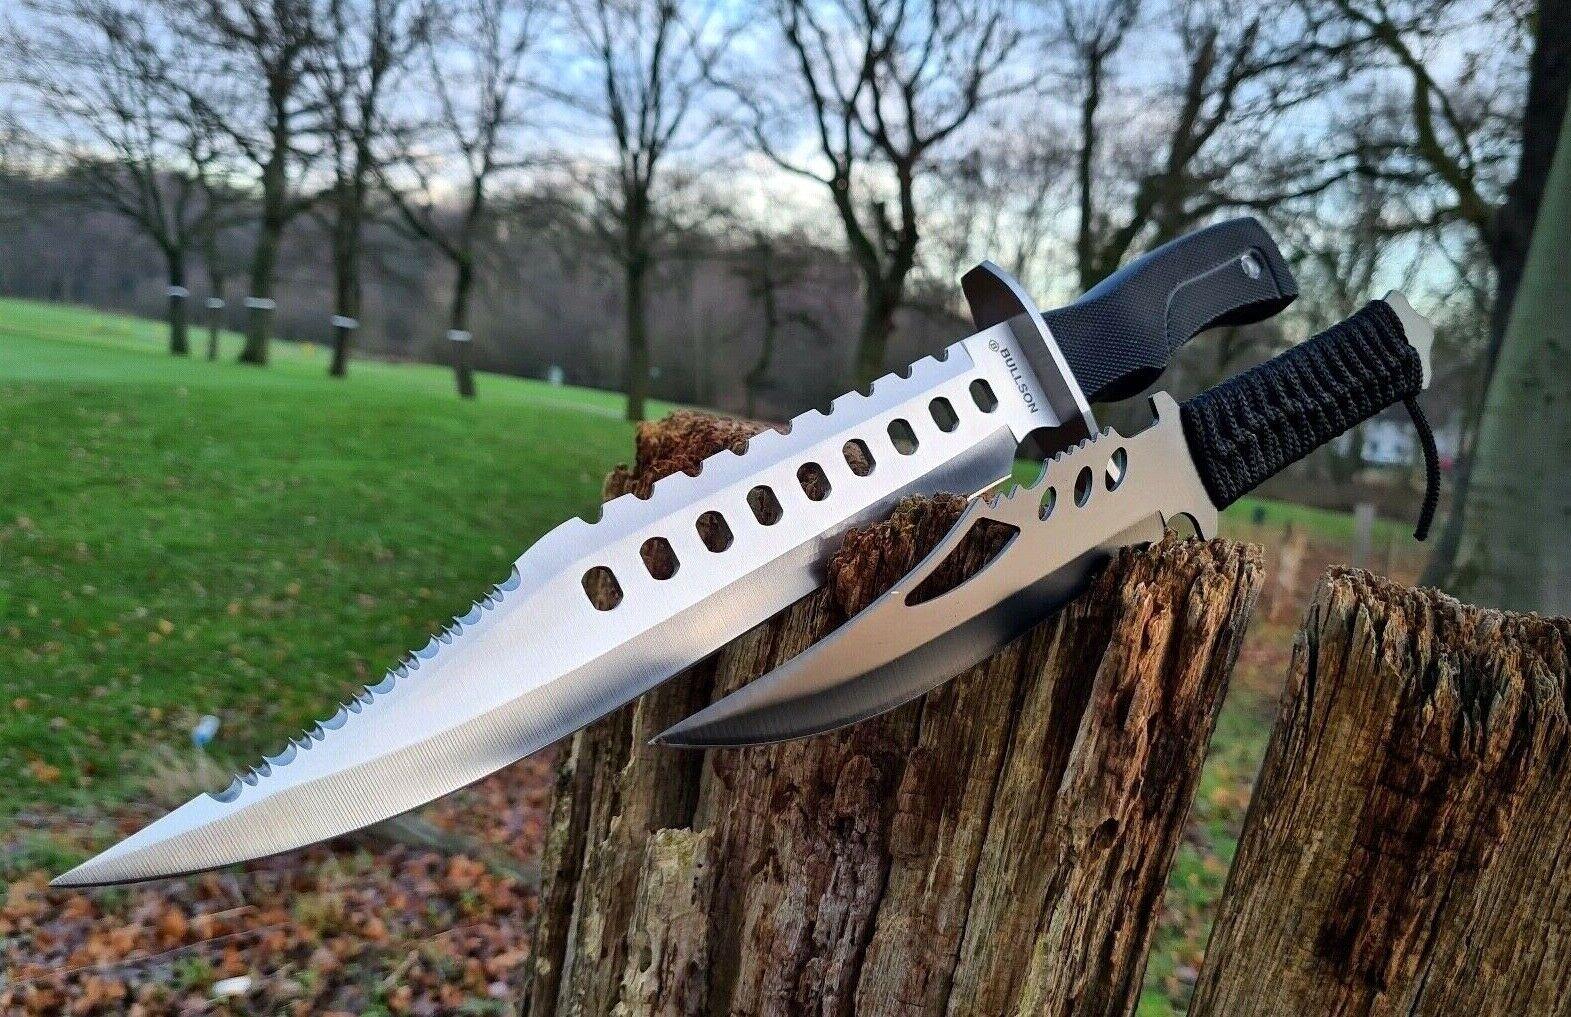 2er Set BULLSON  BUSCHMESSER  KNIFE JAGDMESSER MACHETE  MESSER JAGD CAMPING